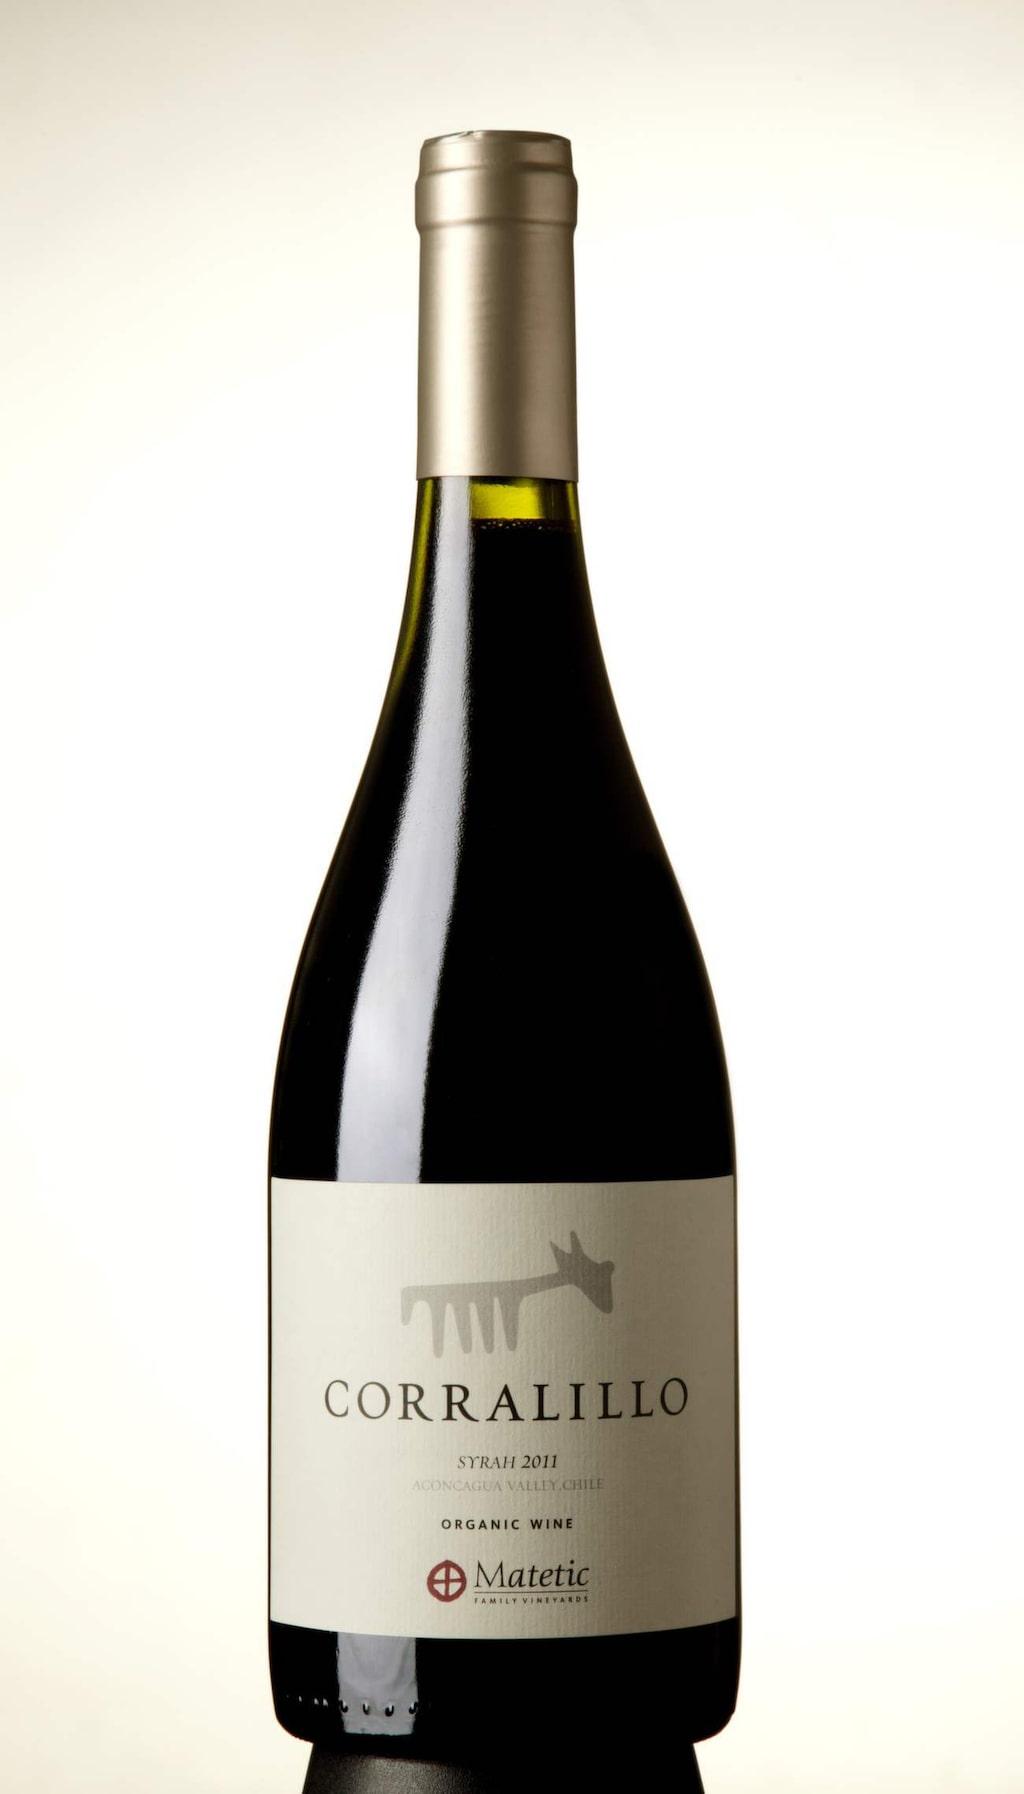 """Rött<br><strong>Corralillo Syrah 2011 (6446) Chile, 99 kr</strong><br>Tät, generös smak med inslag av mogna vinbär, örter och nyrostat kaffe. Gott till en viltskavspanna med potatispuré.<br><exp:icon type=""""wasp""""></exp:icon><exp:icon type=""""wasp""""></exp:icon><exp:icon type=""""wasp""""></exp:icon><exp:icon type=""""wasp""""></exp:icon>"""